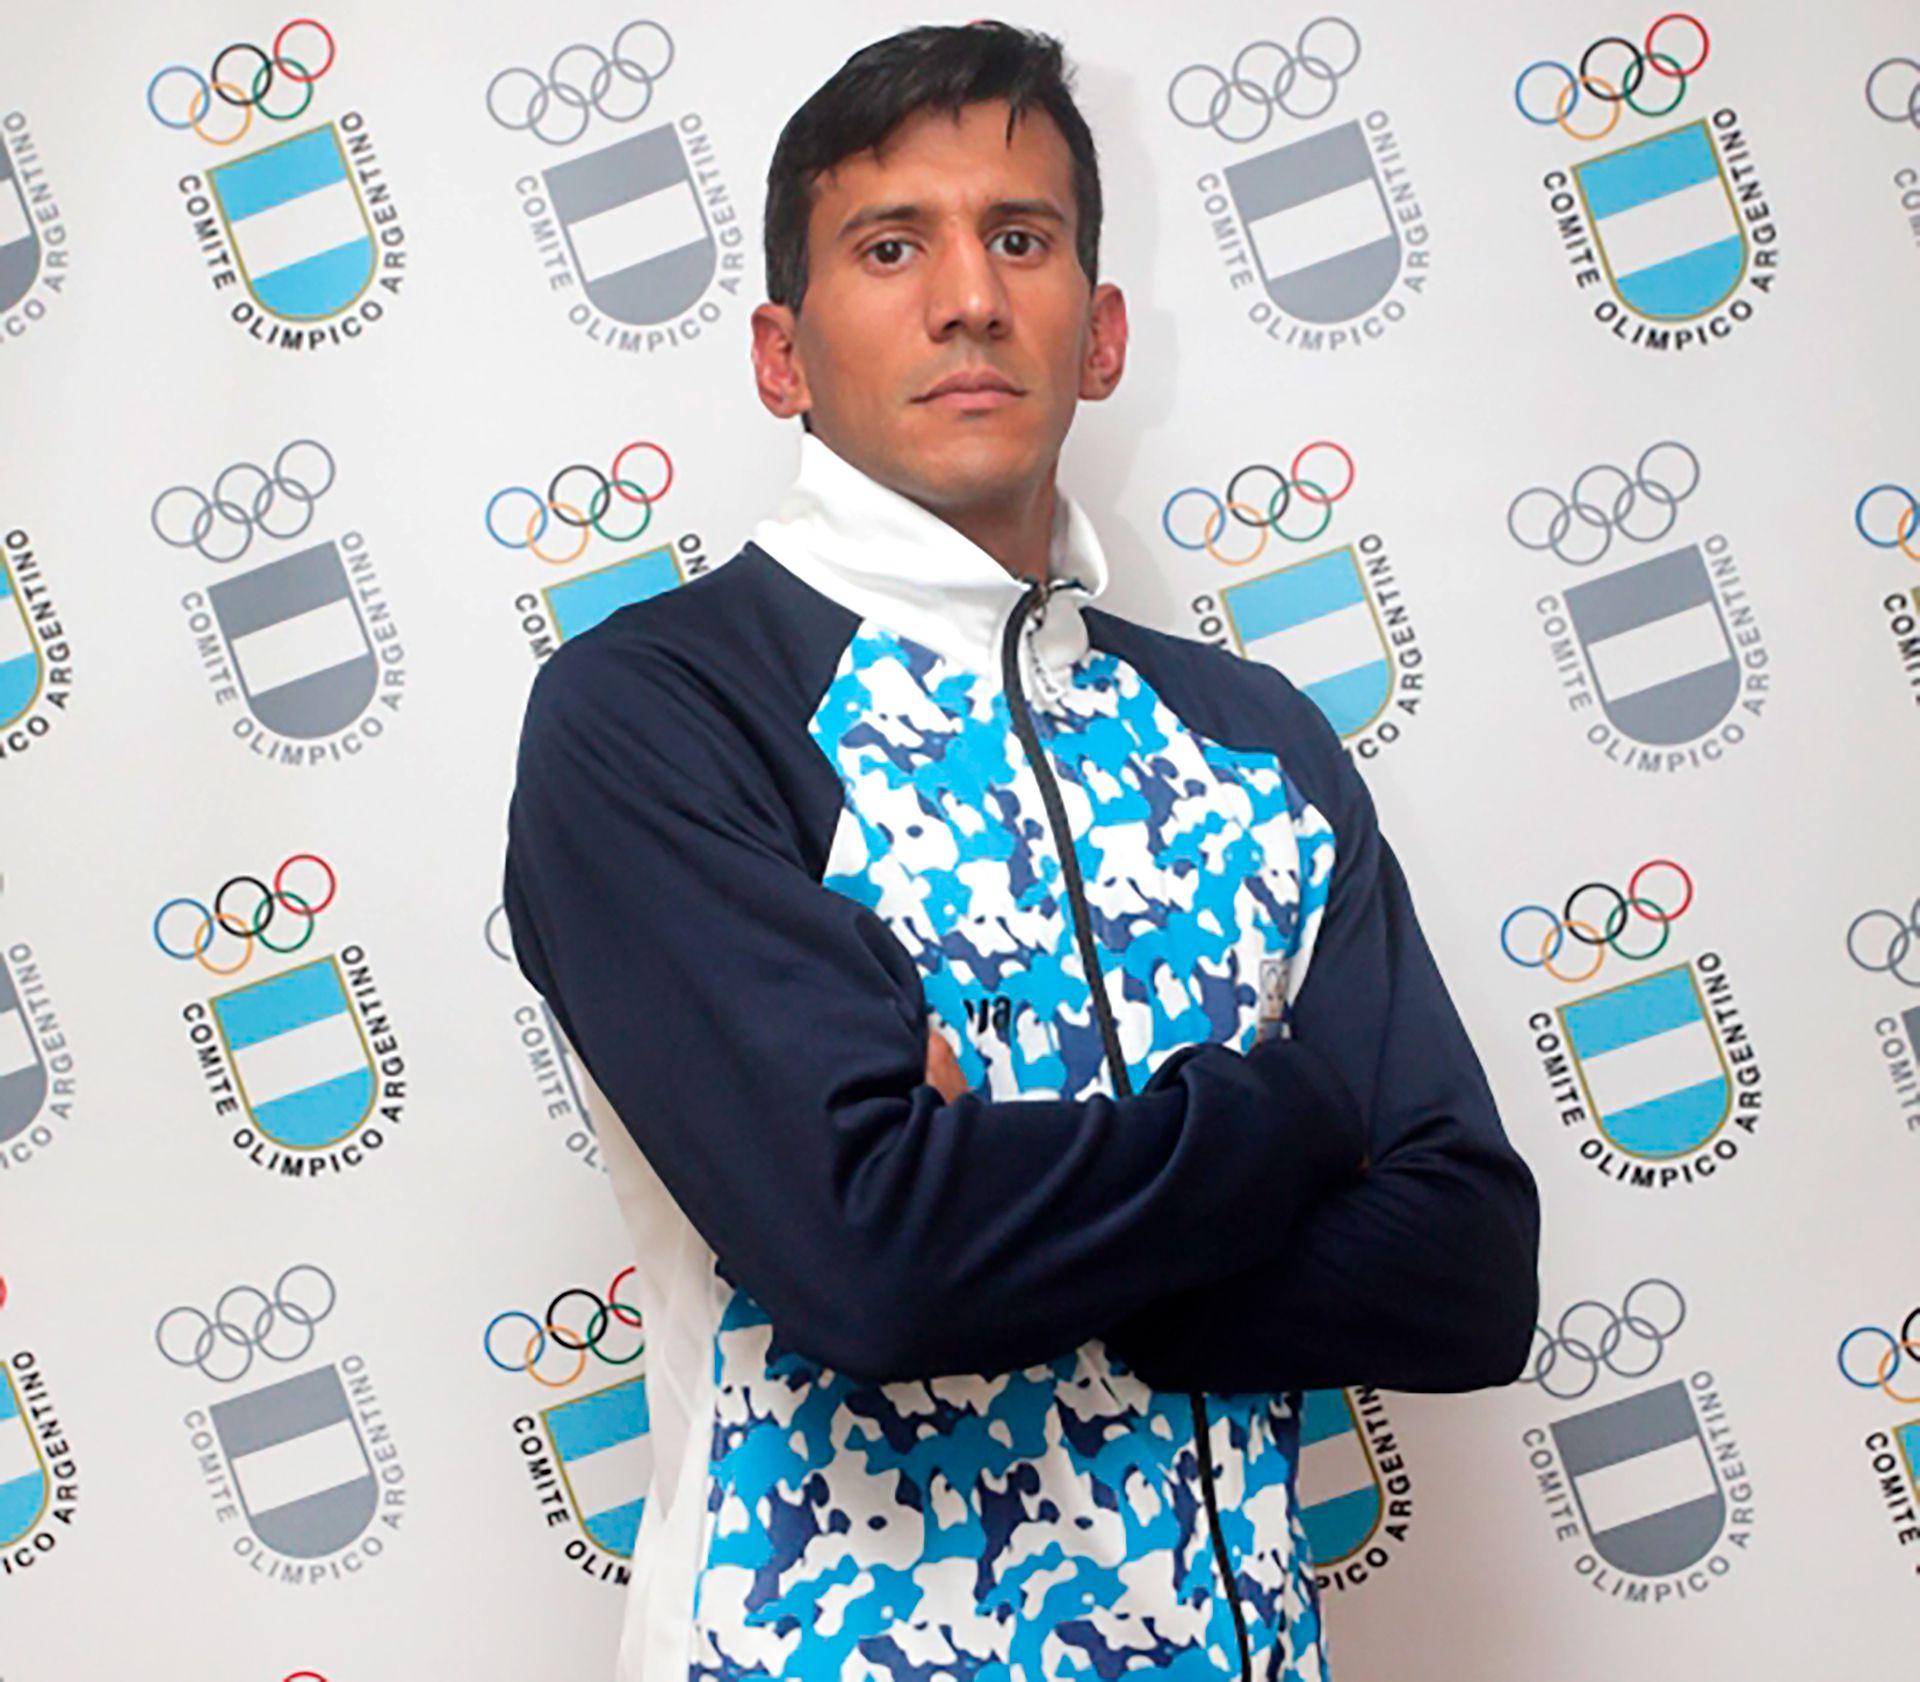 El formoseño hará su debut en Tokio (Foto: Prensa-COA)